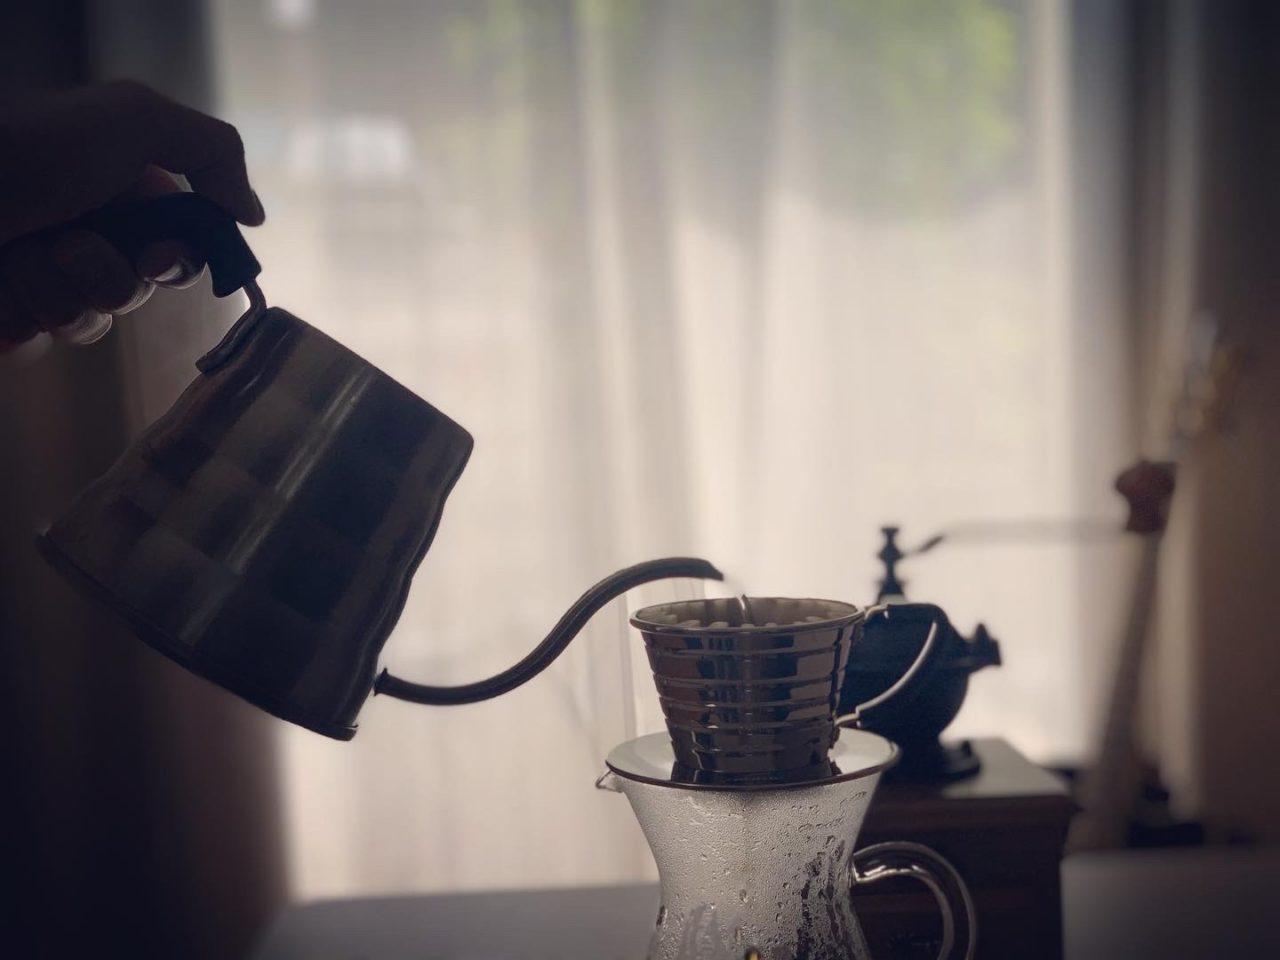 スローという贅沢「ドリップコーヒー」に挑戦